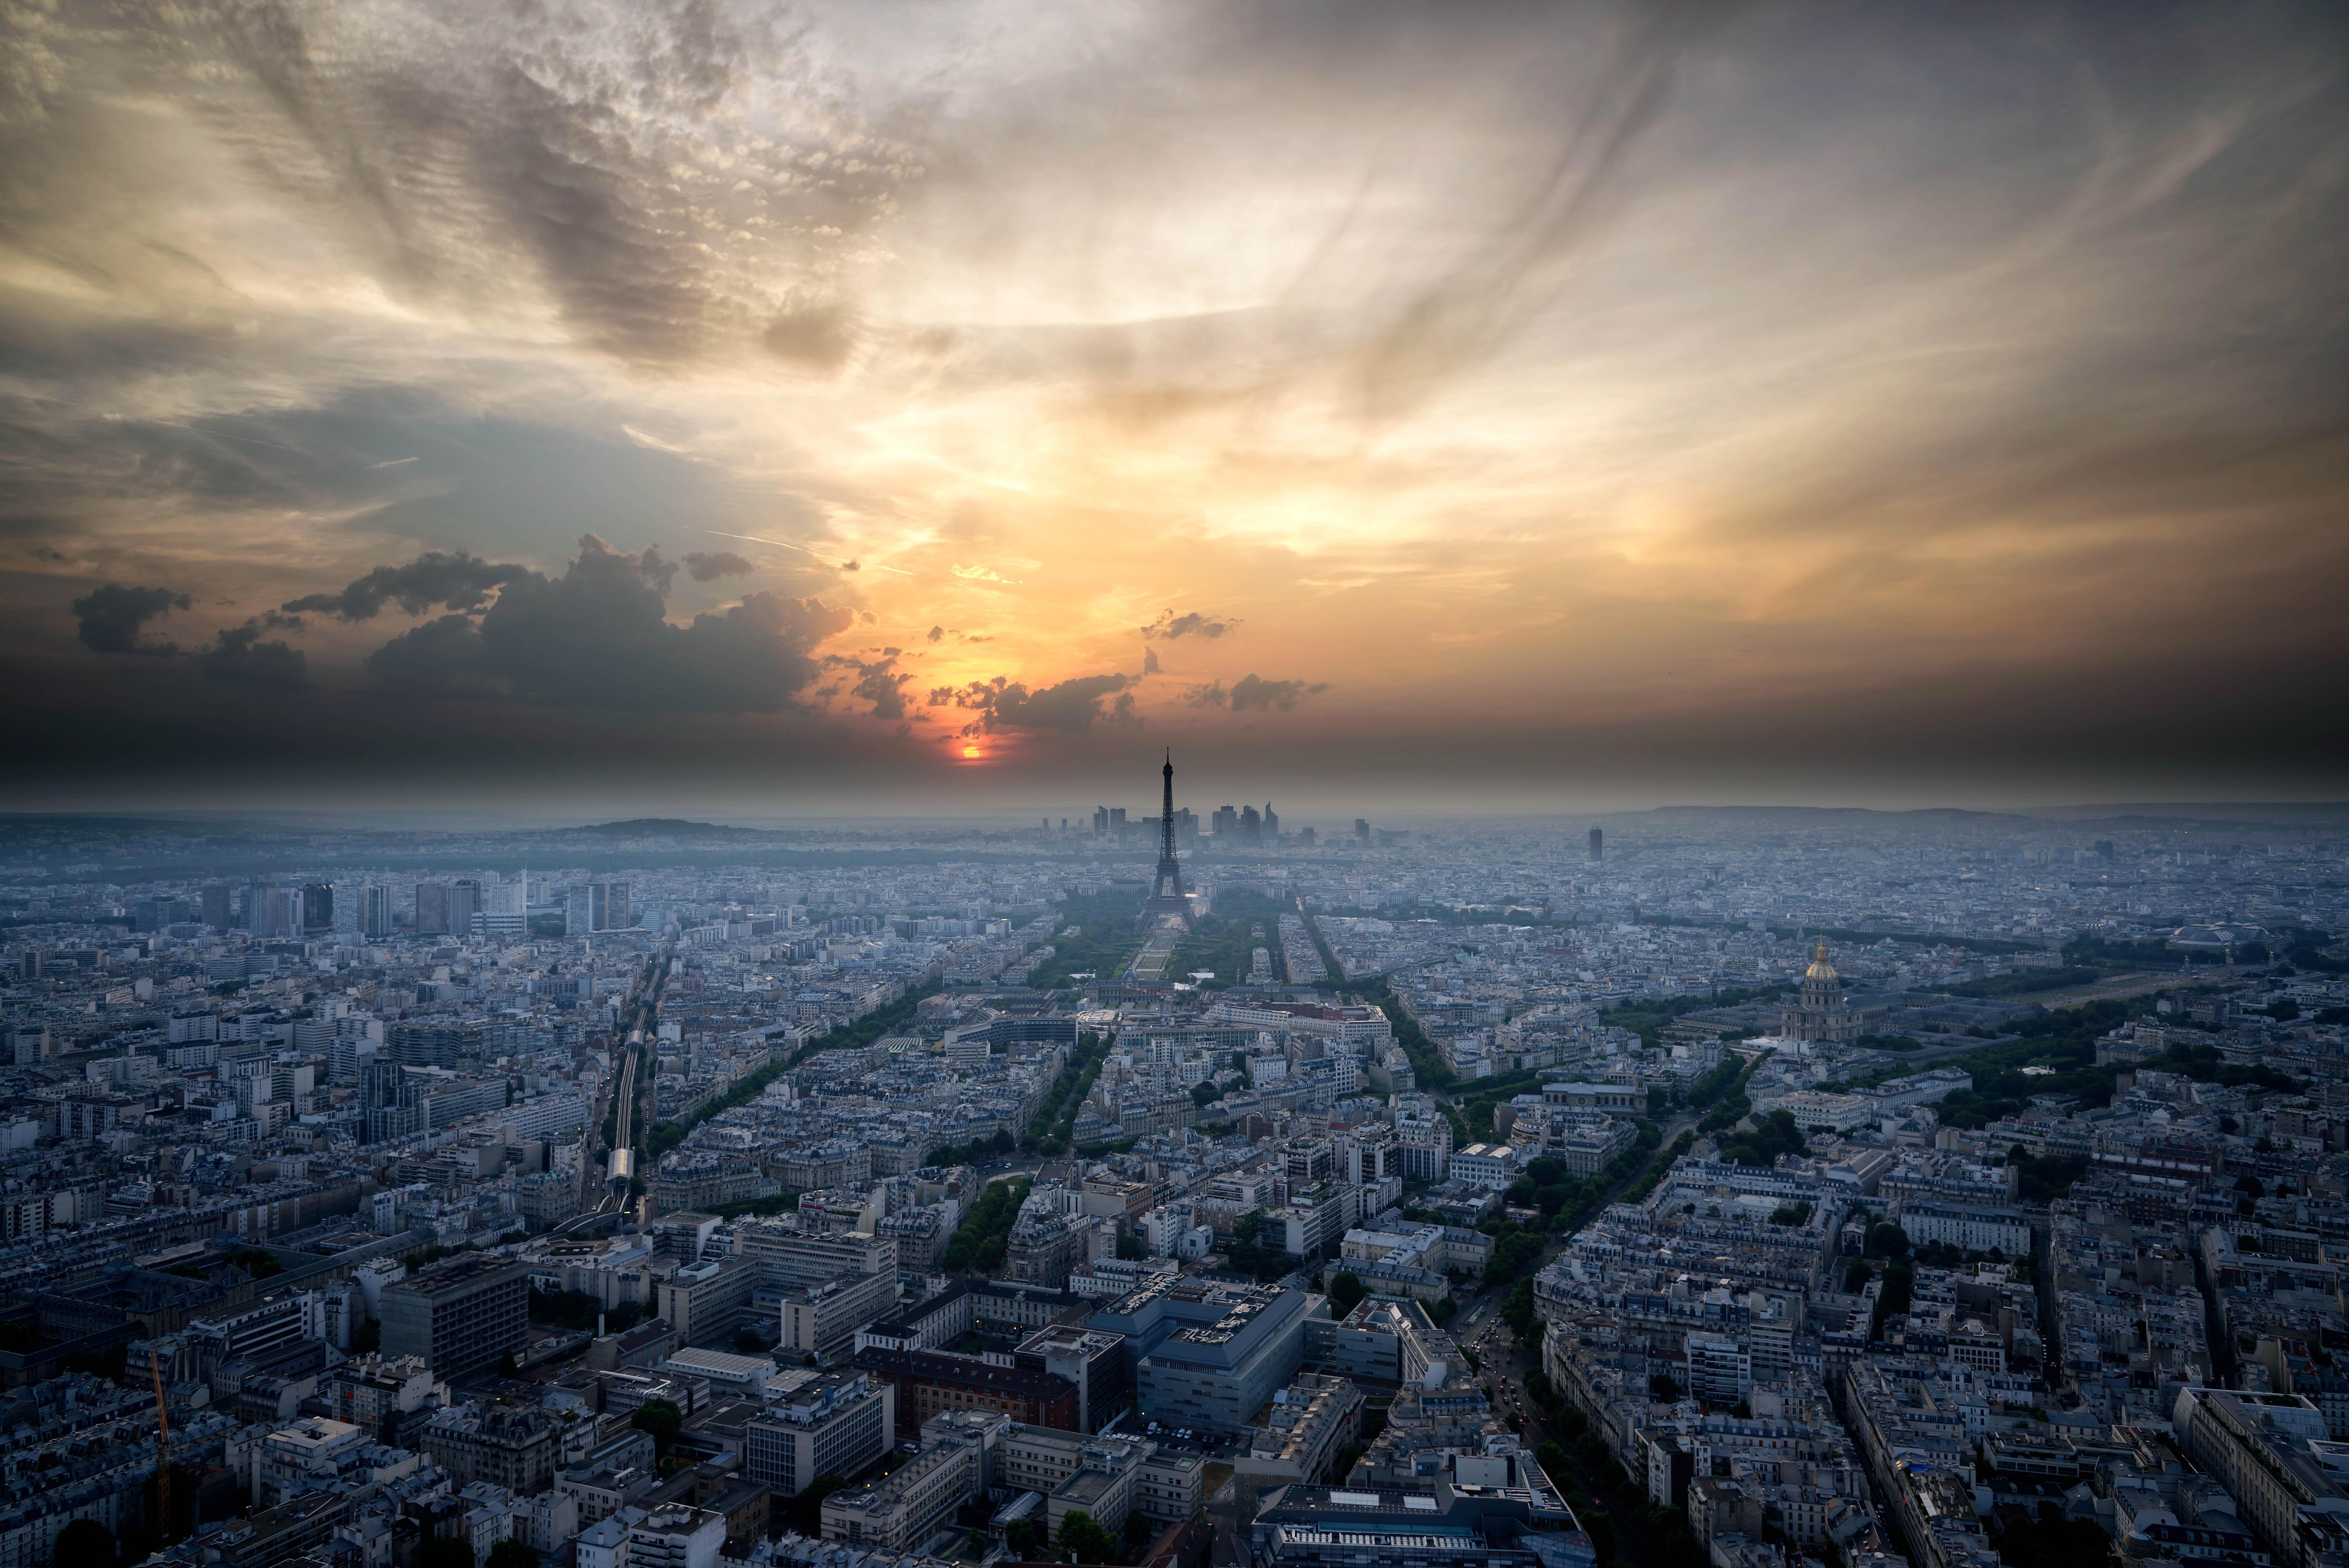 124140壁紙のダウンロードパリ, フランス, 日没, スカイ, 上から見る, アーキテクチャ, 都市-スクリーンセーバーと写真を無料で